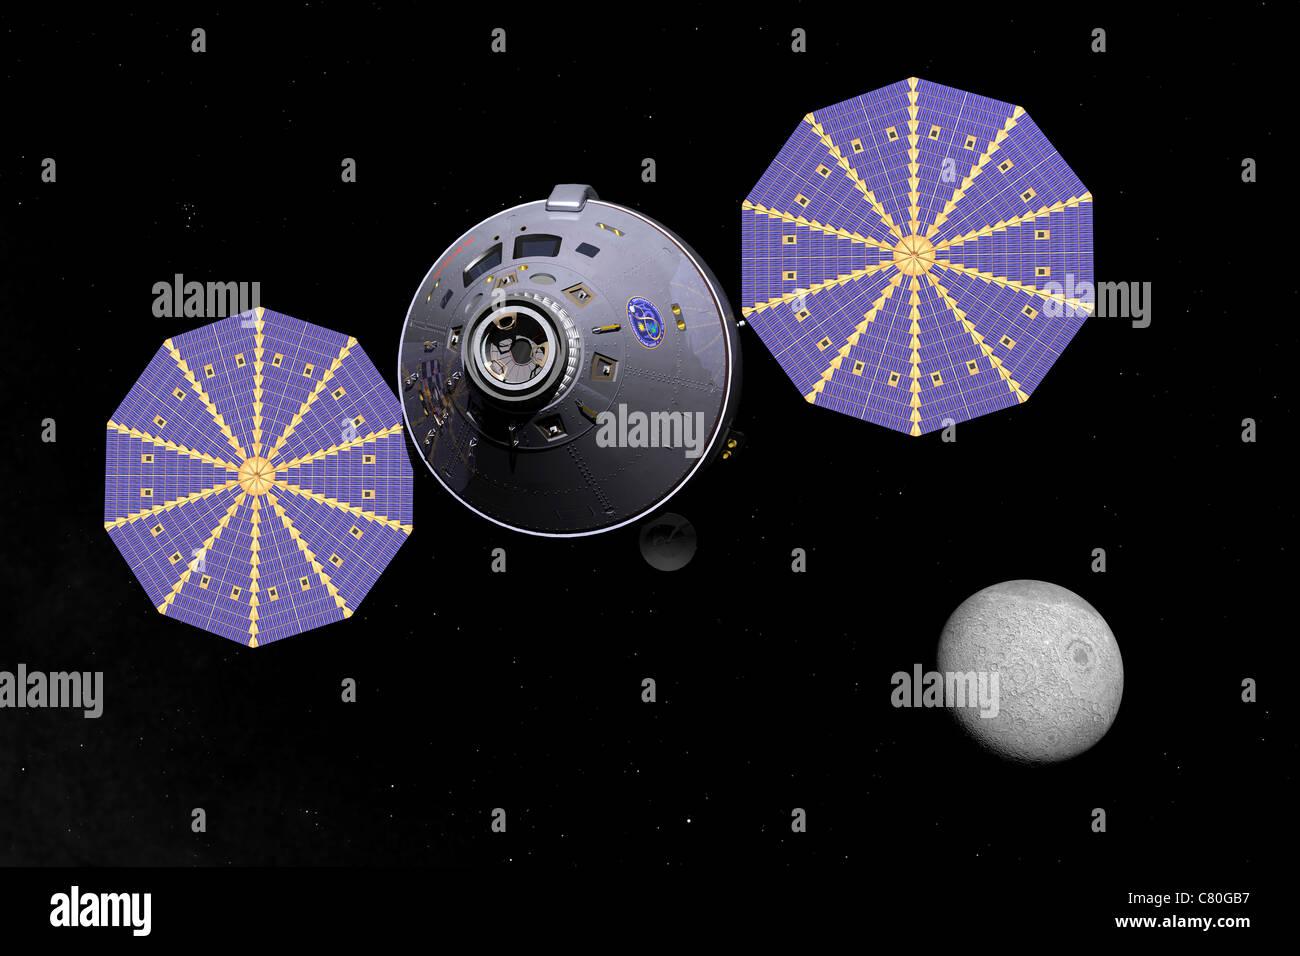 Concepto artístico de la próxima generación de Espacio Profundo, módulo de mando del vehículo. Imagen De Stock